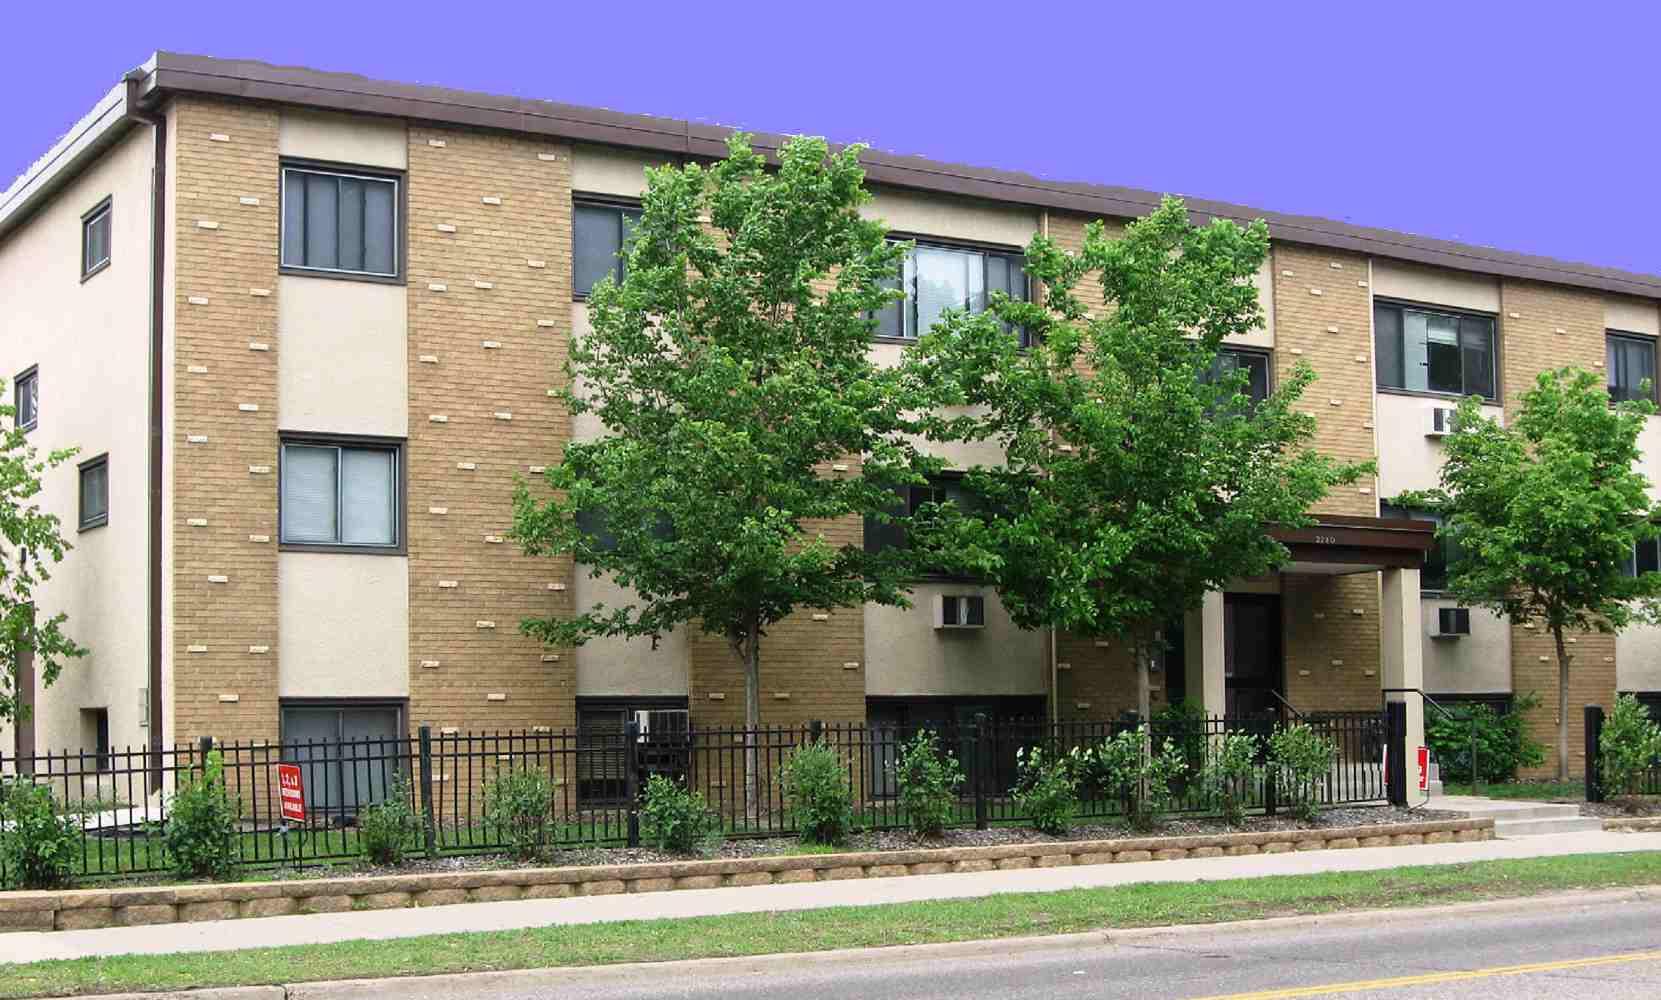 Rent Apartment St. Louis Park 55426